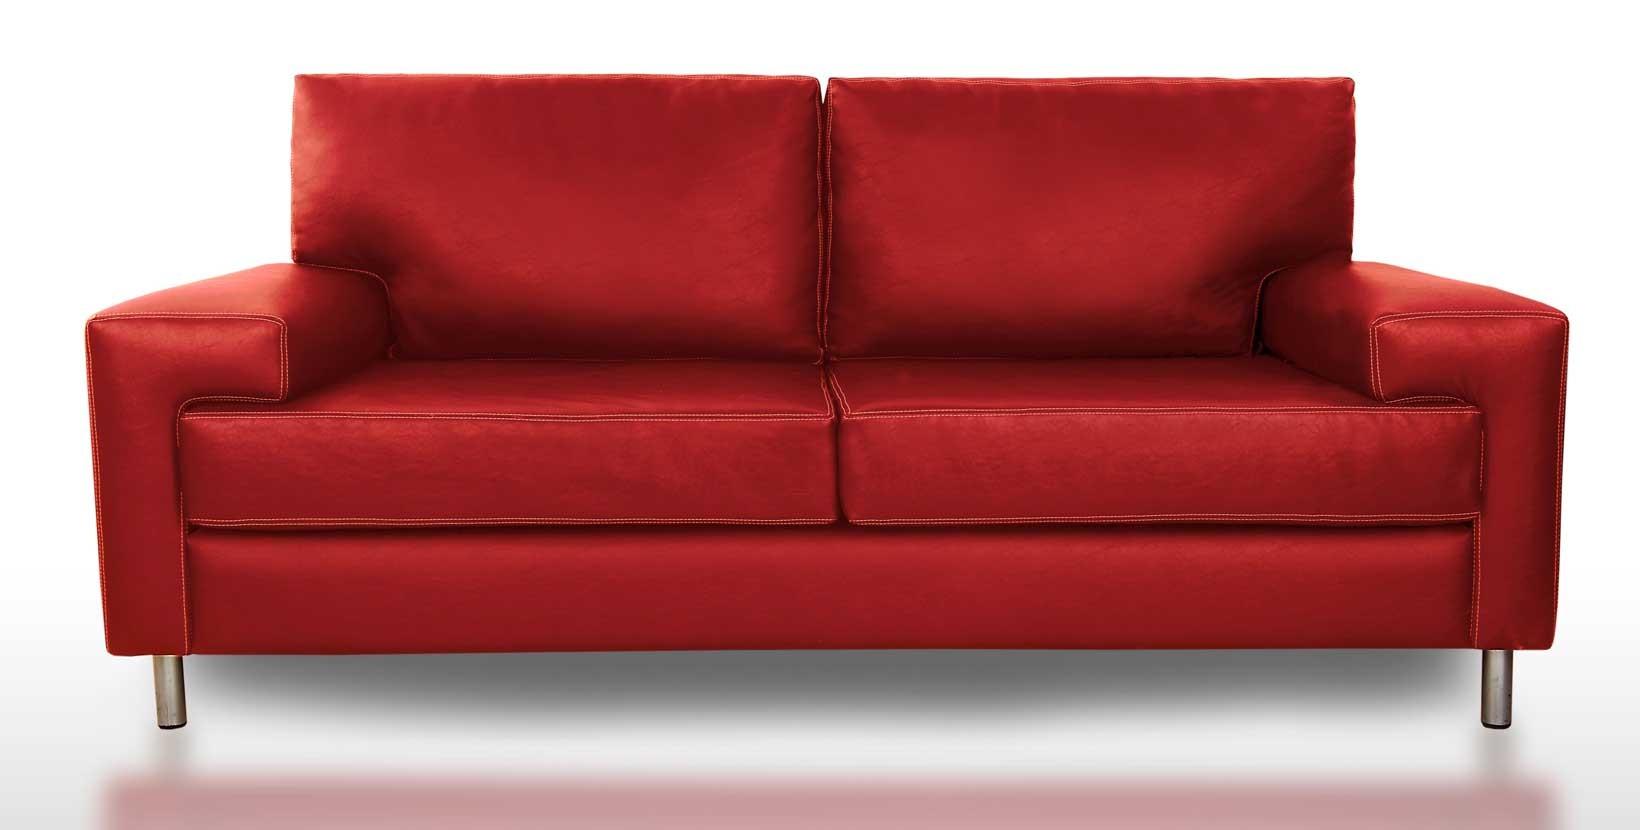 Sofa cama modelo look 2 y 3 cuerpos for Sofa cama de 2 cuerpos